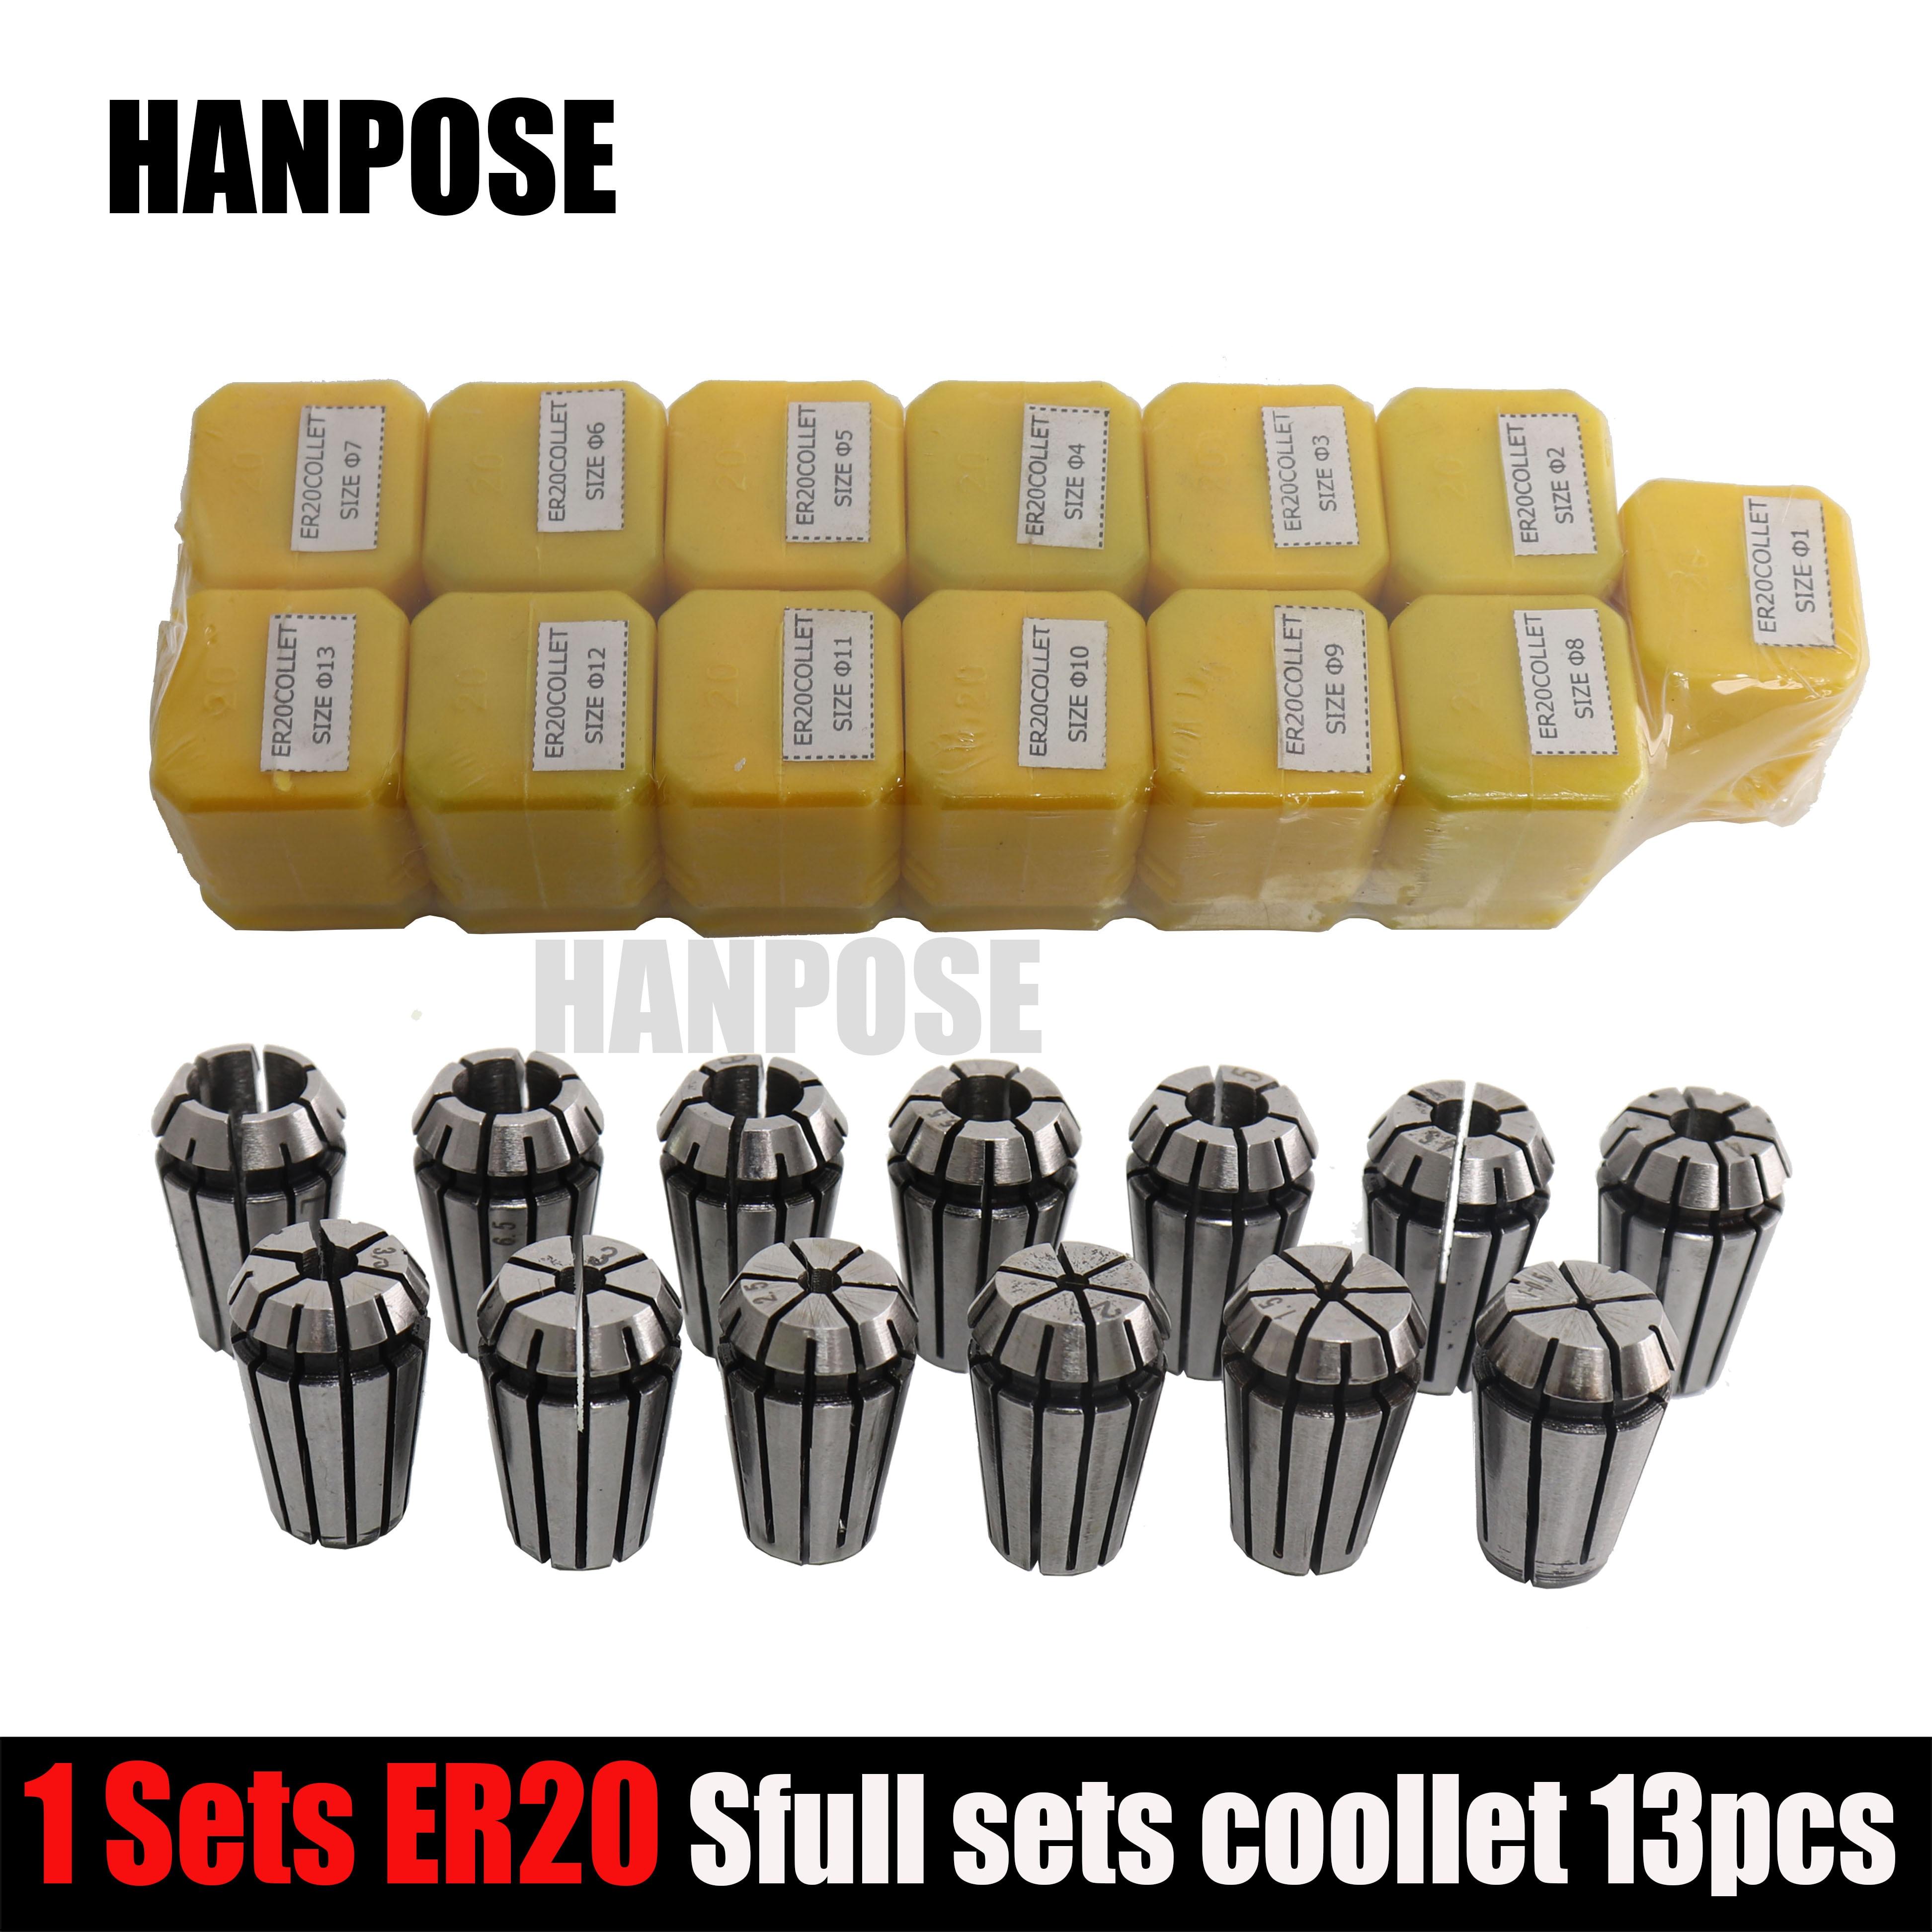 Mejor precio 13 unids / set ER20 Precision Spring Collet Set CNC Fresadora Torno Herramienta ER20 Spring Collet Chuck